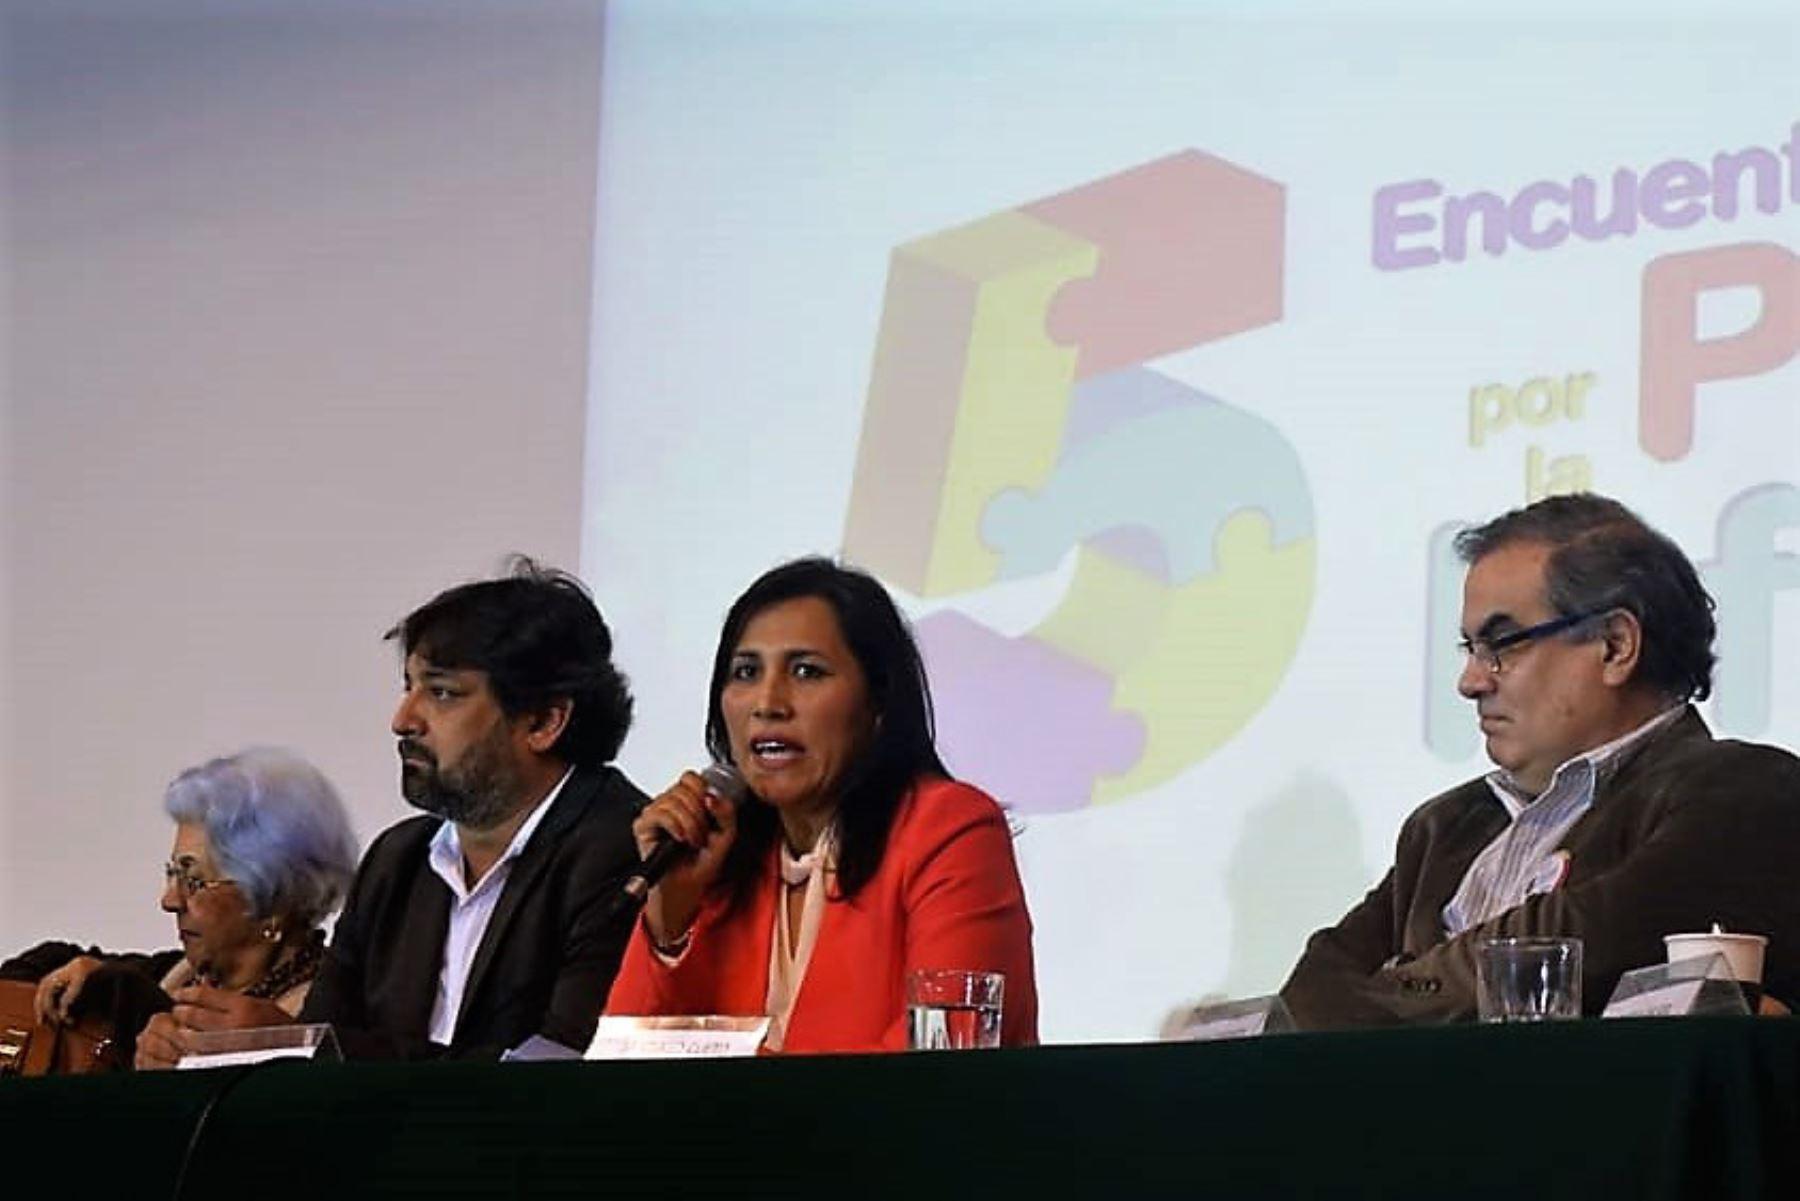 Ministra de Educación, Flor Pablo, participó en encuentro sobre primera infancia.